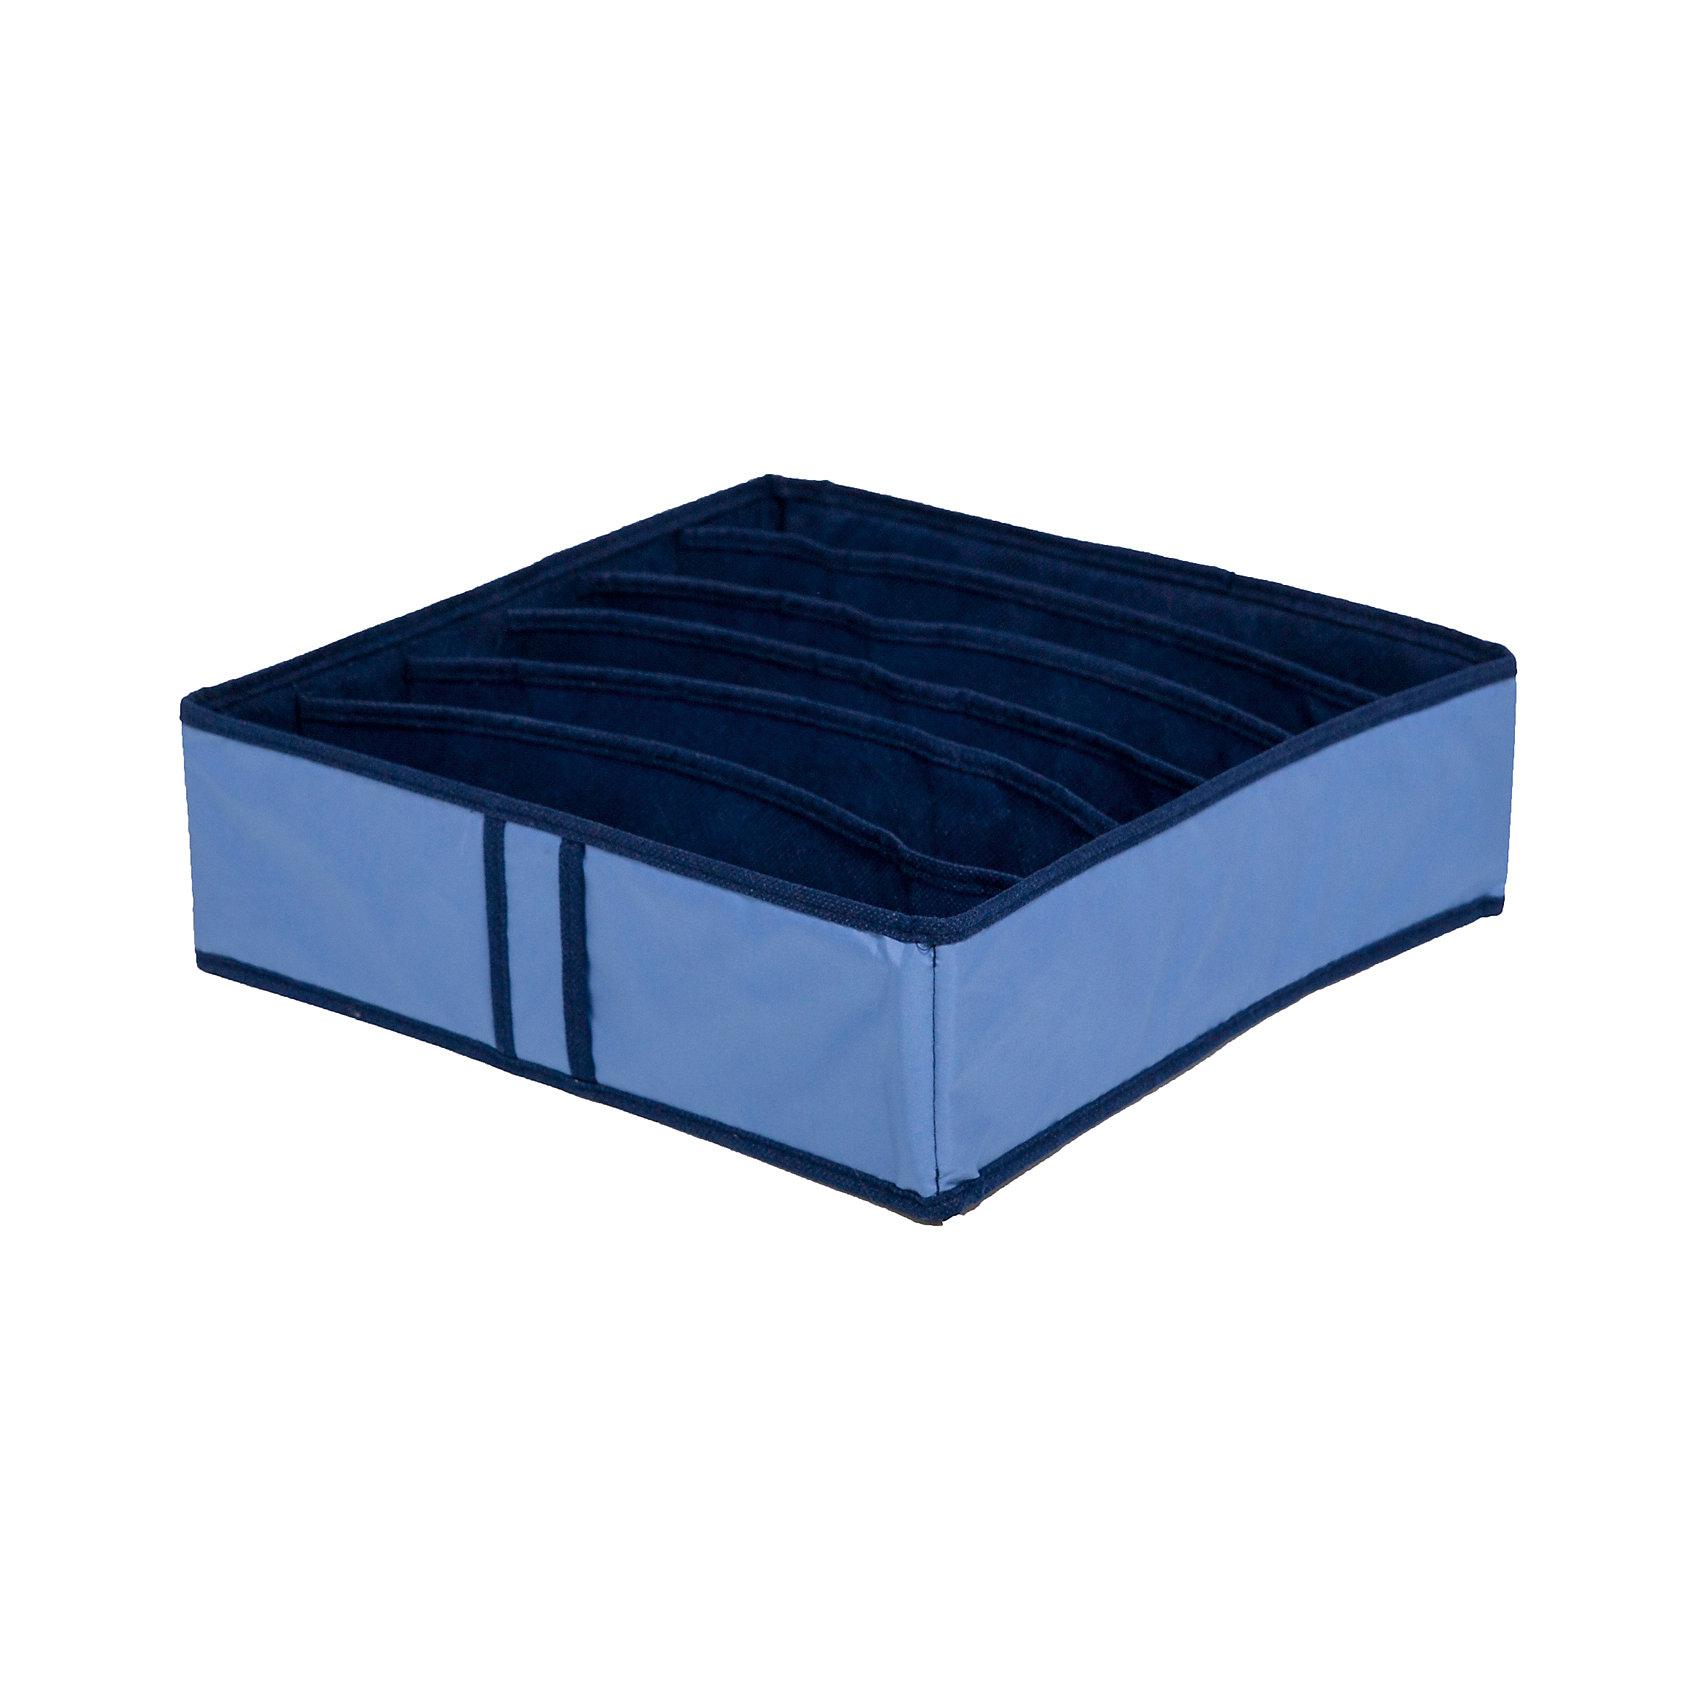 Органайзер для бюстгальтеров на 6 ячеек Bluе sky, HomsuПорядок в детской<br>Квадратный и плоский органайзер имеет 6 раздельных ячеек размером 32Х5см, очень удобен для хранения вещей среднего размера в вашем ящике или на полке. Идеально для бюстгальтеров, нижнего белья и других вещей ежедневного пользования. Имеет жесткие борта, что является гарантией сохранности вещей. Подходит в шкафы Били от Икея.<br><br>Ширина мм: 350<br>Глубина мм: 100<br>Высота мм: 20<br>Вес г: 200<br>Возраст от месяцев: 216<br>Возраст до месяцев: 1188<br>Пол: Женский<br>Возраст: Детский<br>SKU: 5620227